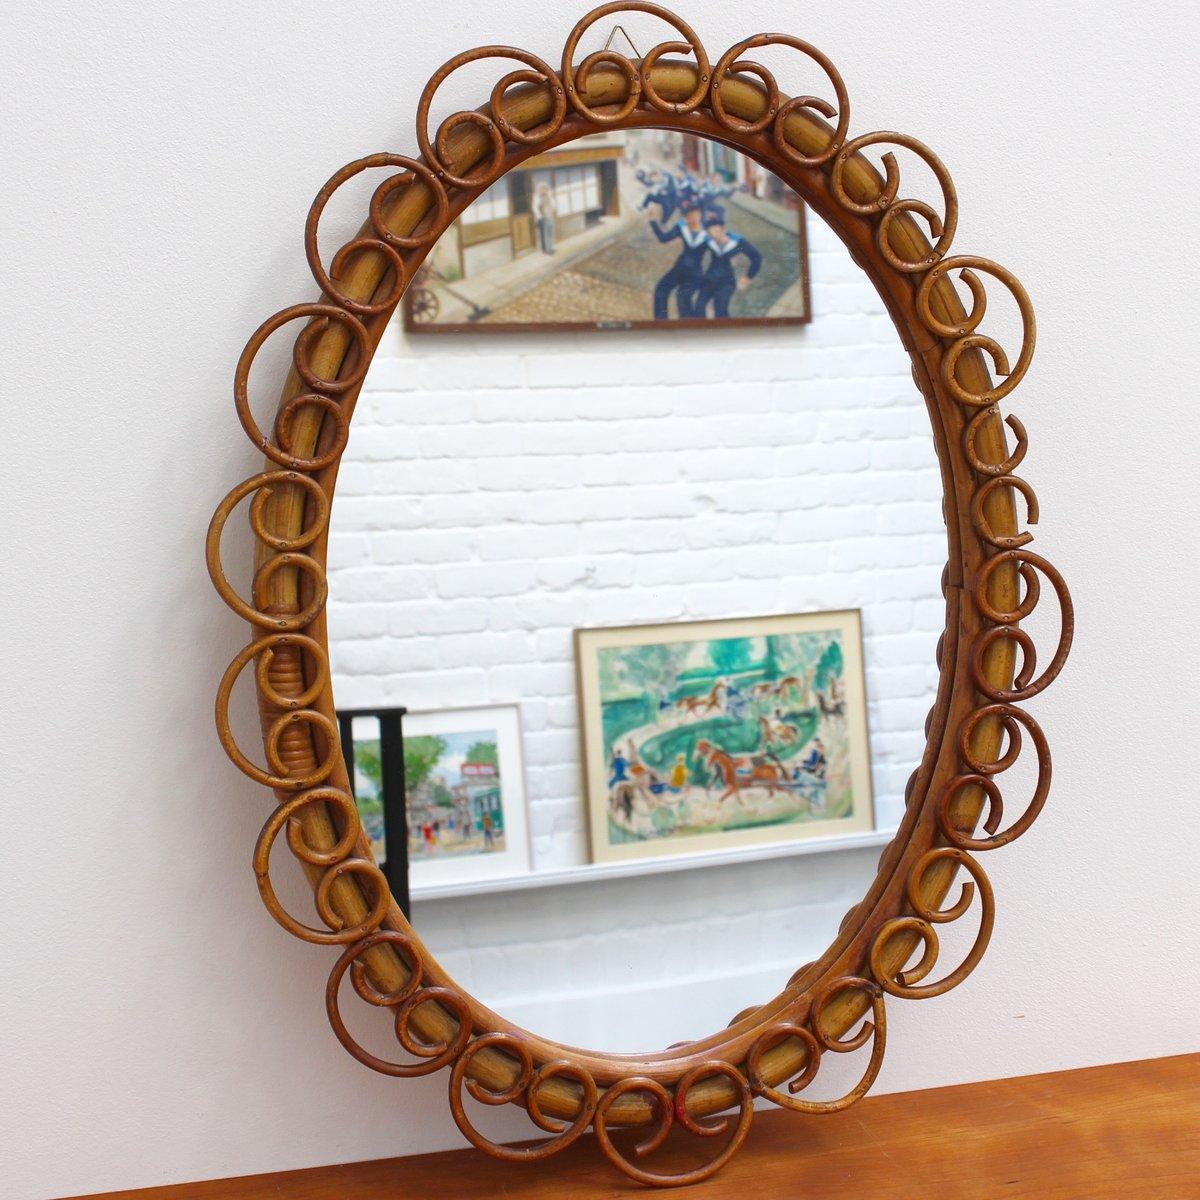 ovaler italienischer wandspiegel mit rahmen aus rattan. Black Bedroom Furniture Sets. Home Design Ideas